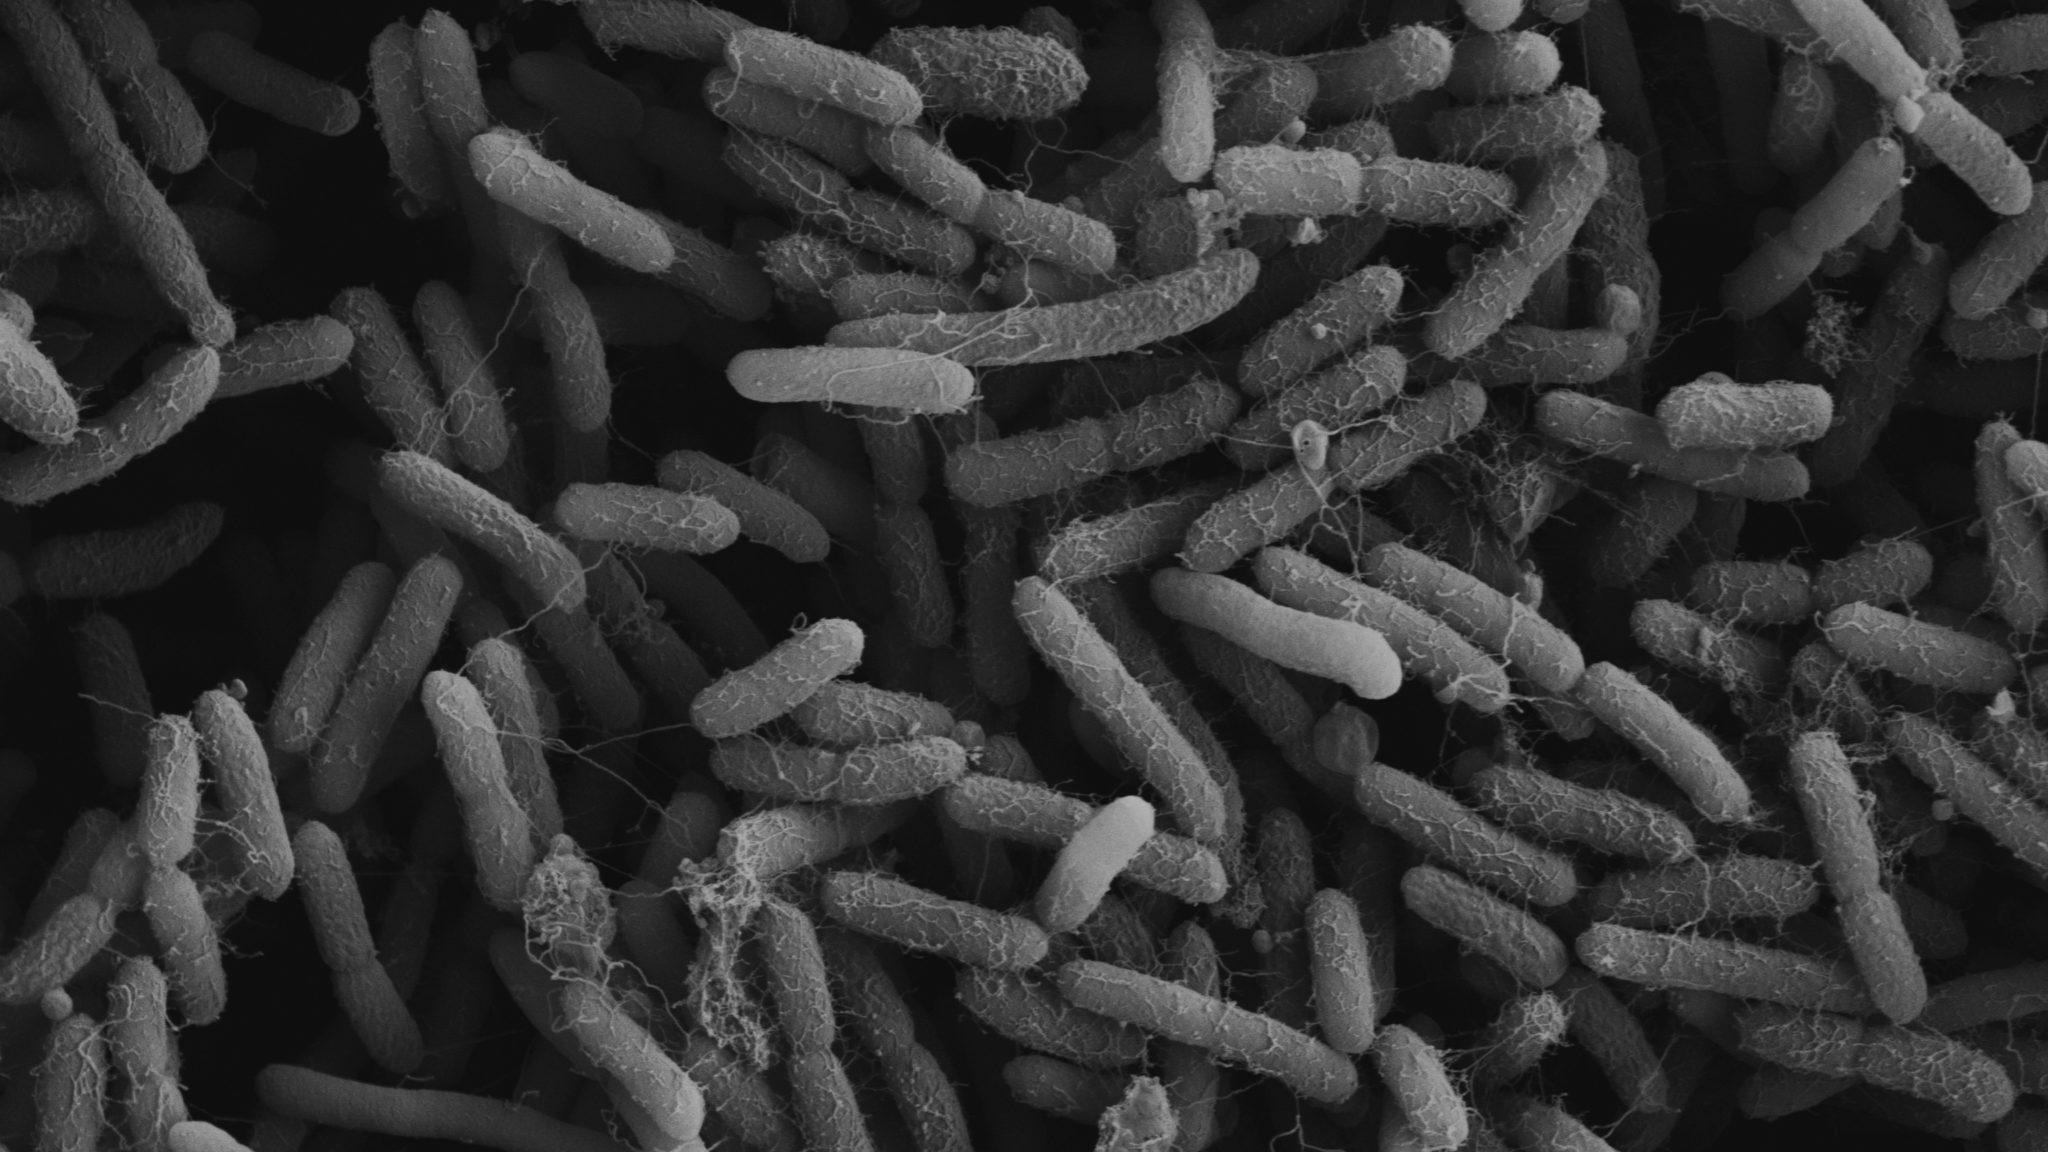 Смертельно опасные бактерии общаются и успешно уклоняются от действия антибиотиков